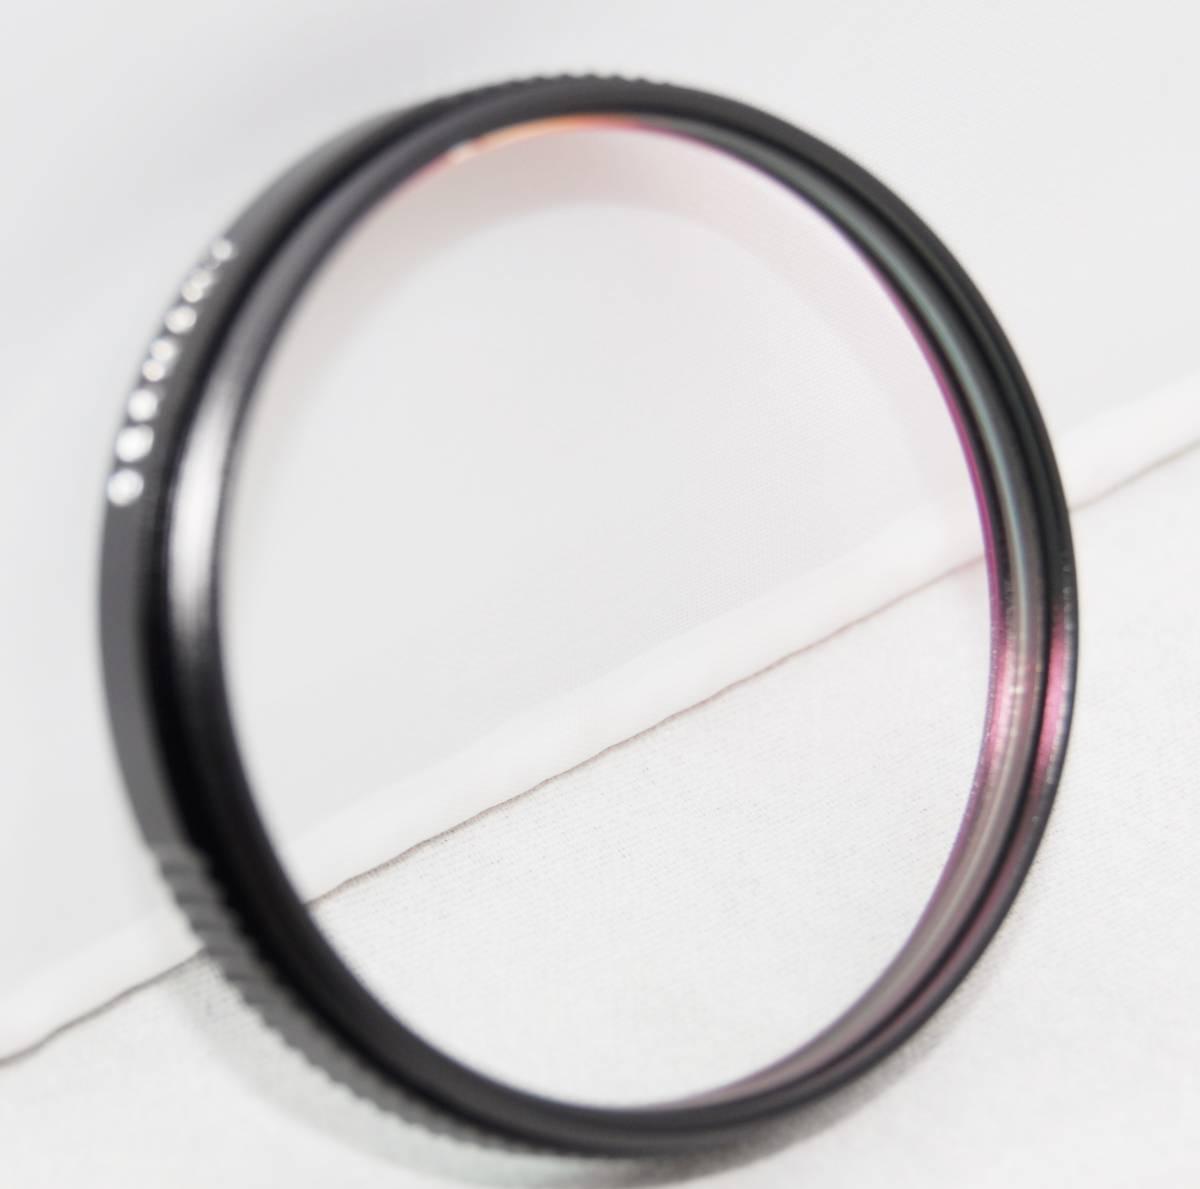 超罕見的外觀像新品超光學美容徠卡E49紫外/紅外13412紫外/紅外切割和保護過濾器徠卡E49紫外/紅外13412保護過濾器 編號:j517664932